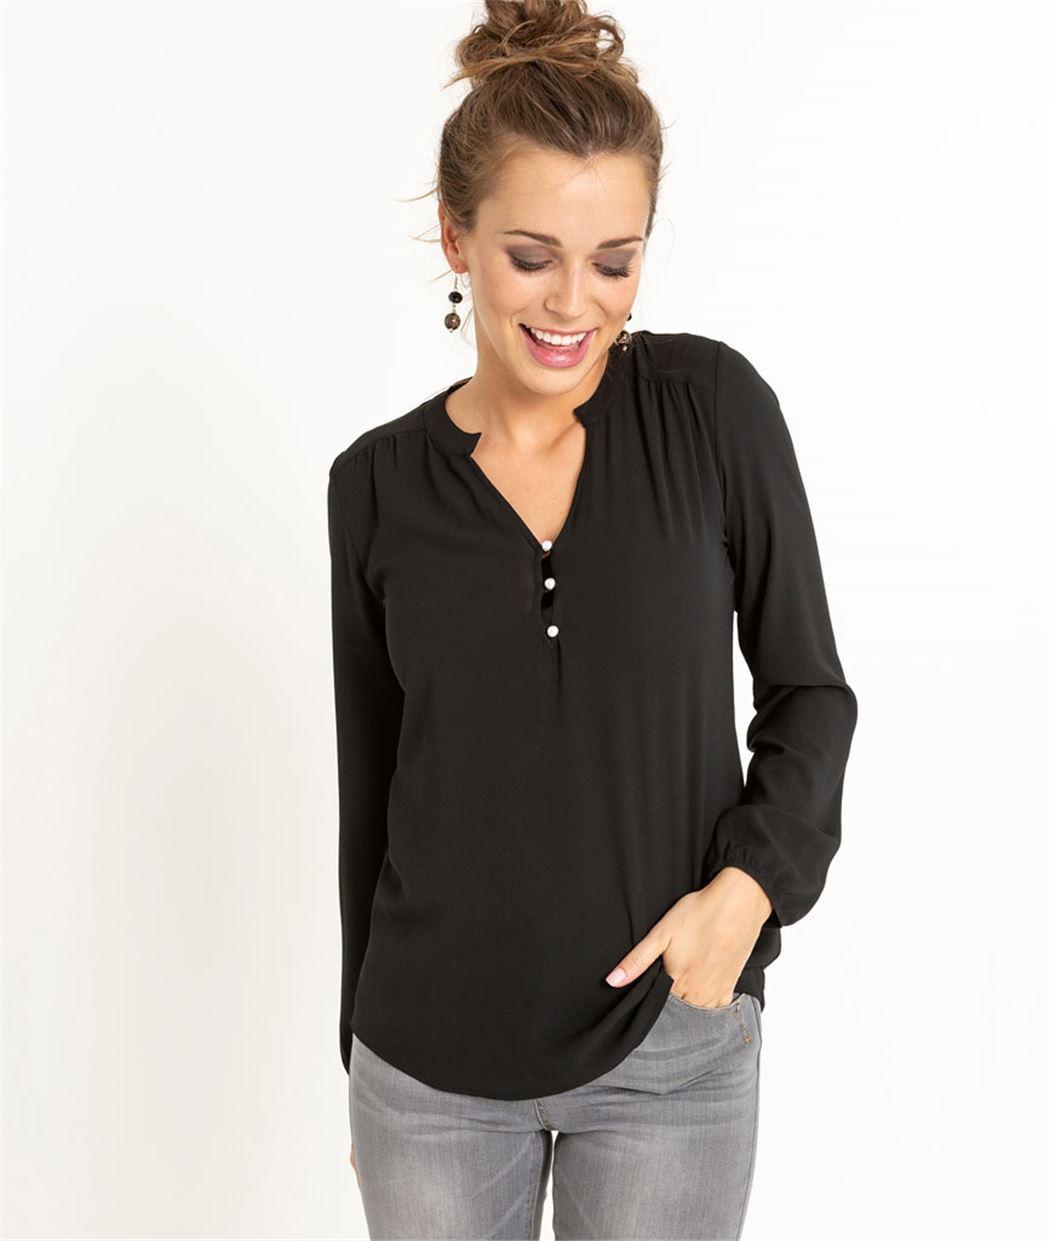 T-shirt femme manches longues NOIR